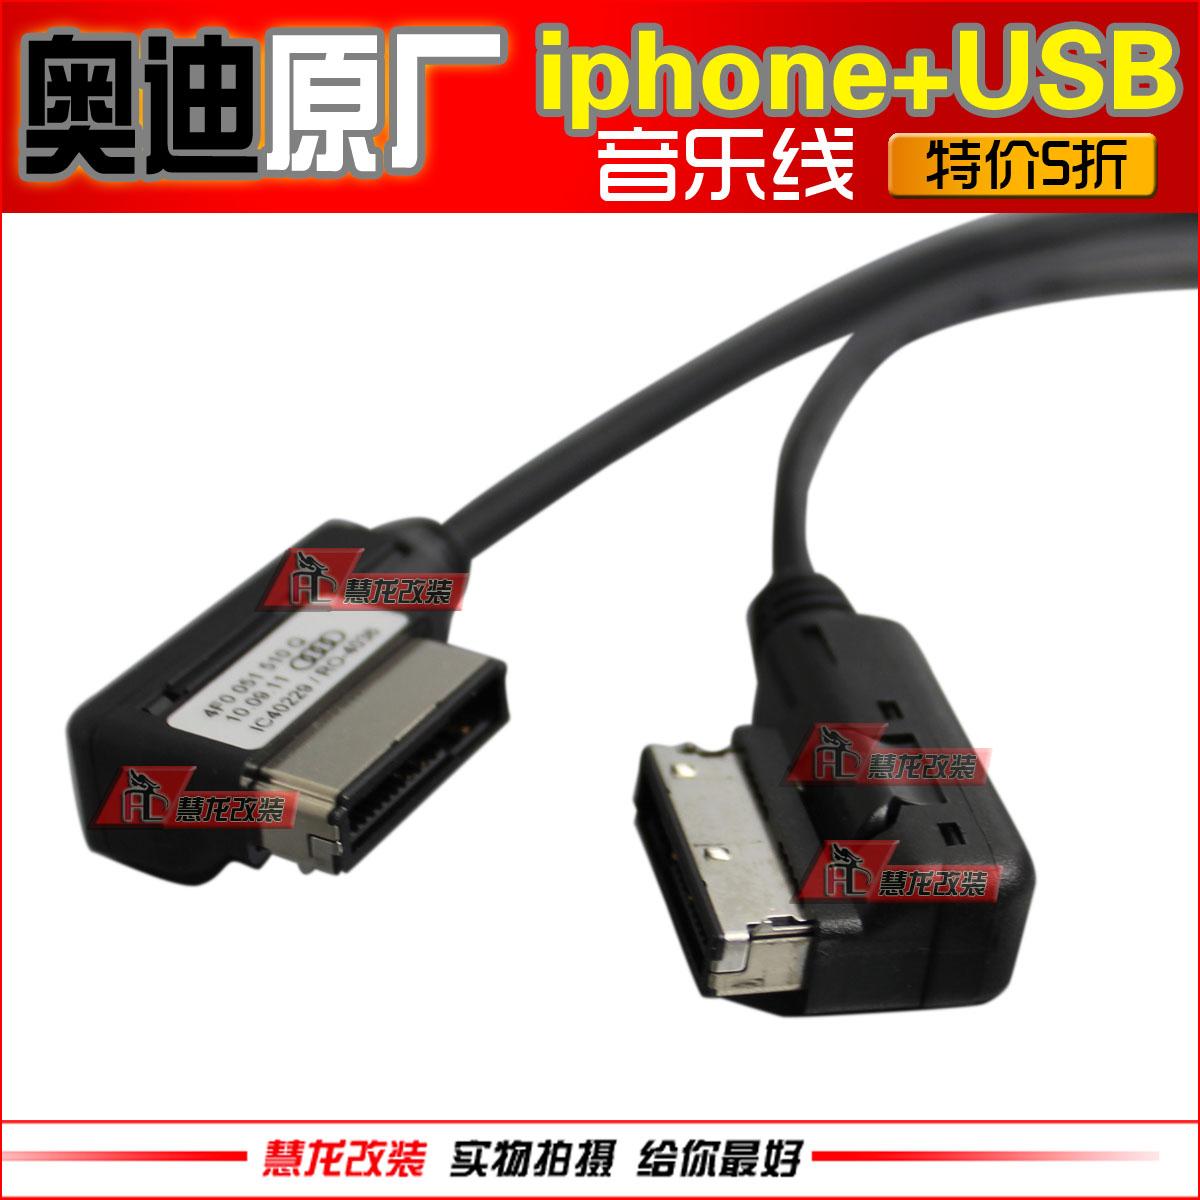 Автомобильная электрика   Q5Q7A4LA5S5A6LA7A8L USB+iphone Ipod